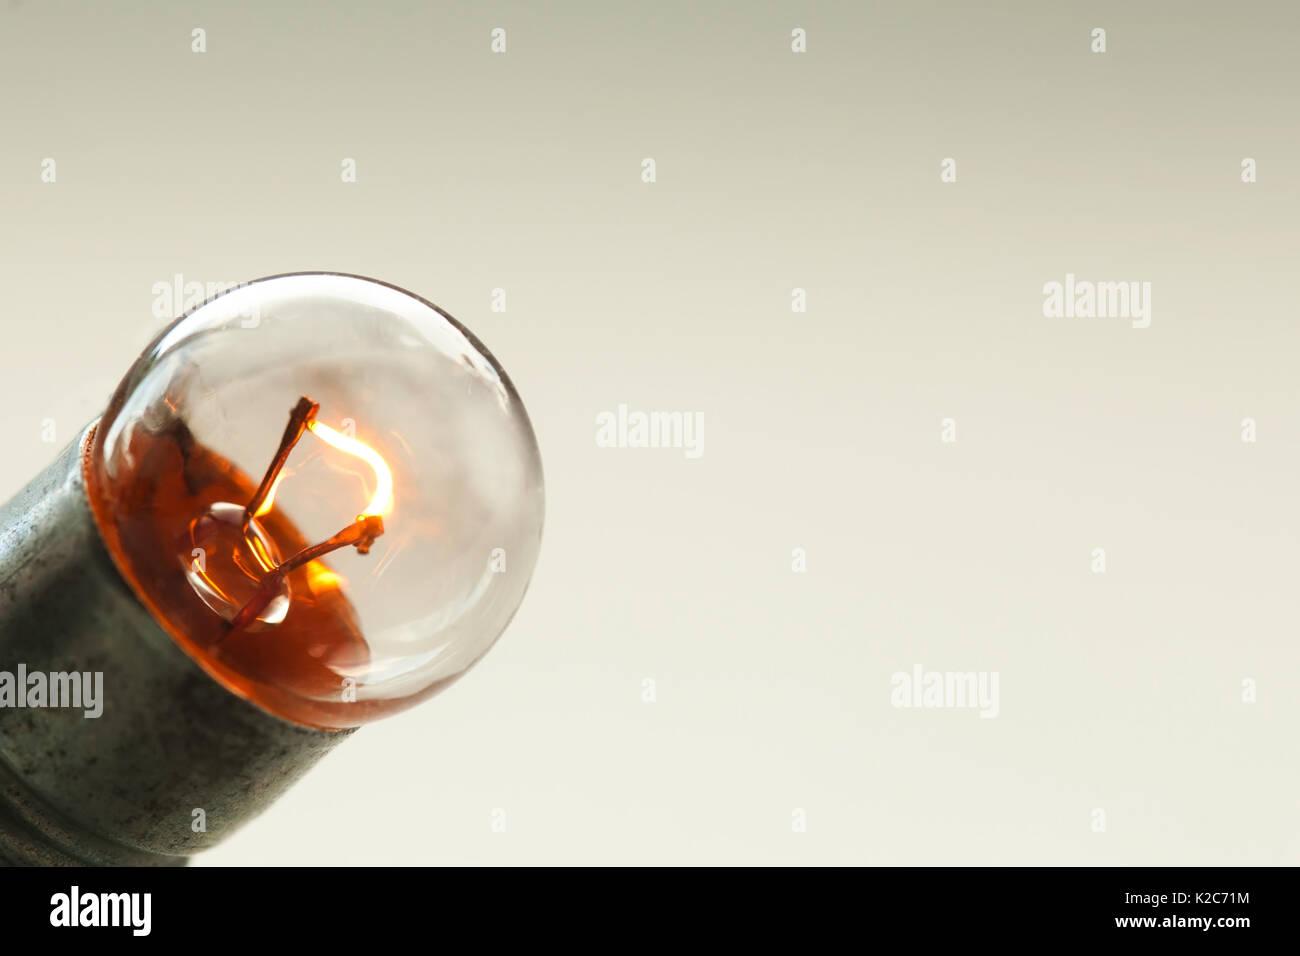 Cerrar la bombilla incandescente, estilo retro lámpara vista macro. Los colores cálidos de fondo. Soft Focus. Espacio de copia Imagen De Stock